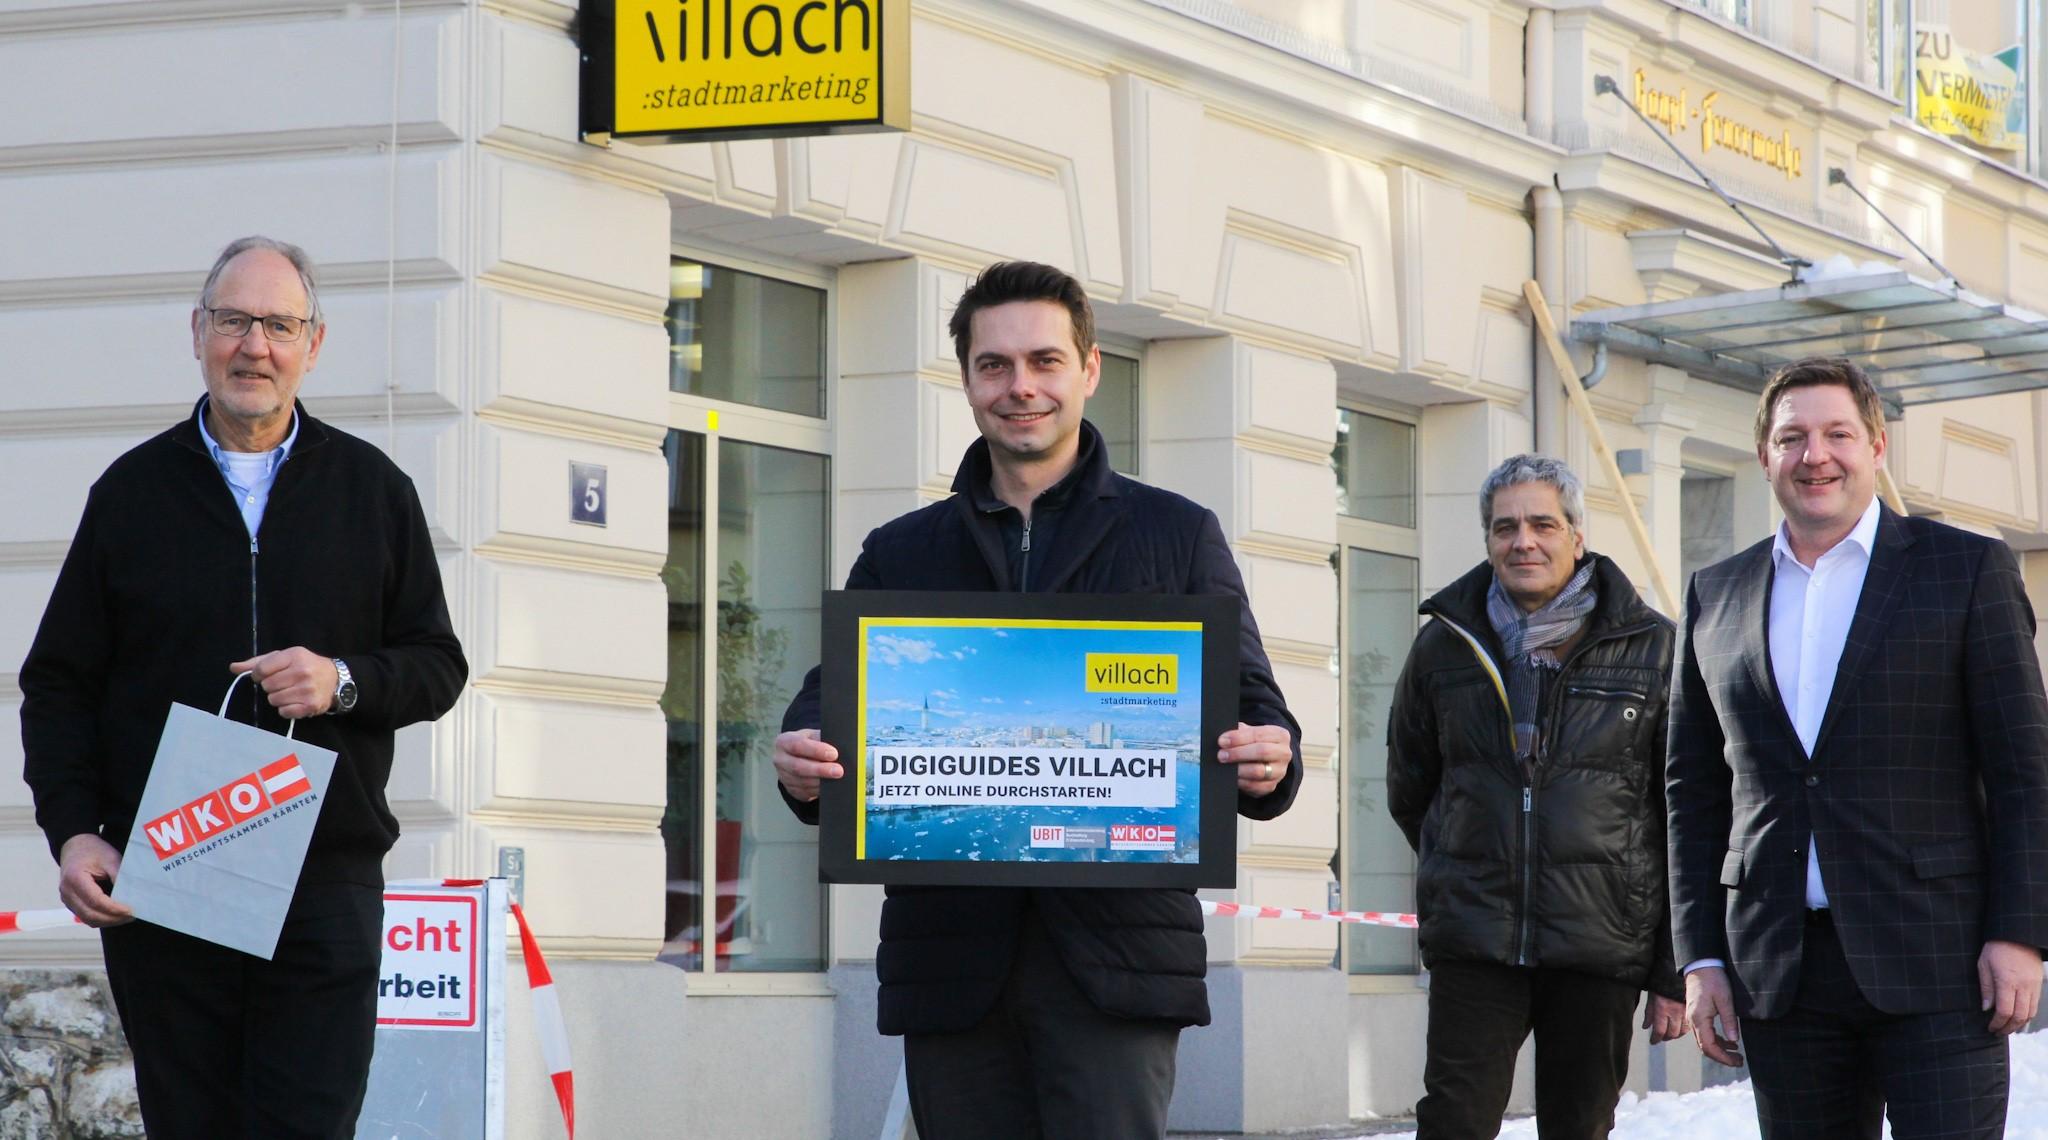 DigiGuides jetzt in Villach aktiv